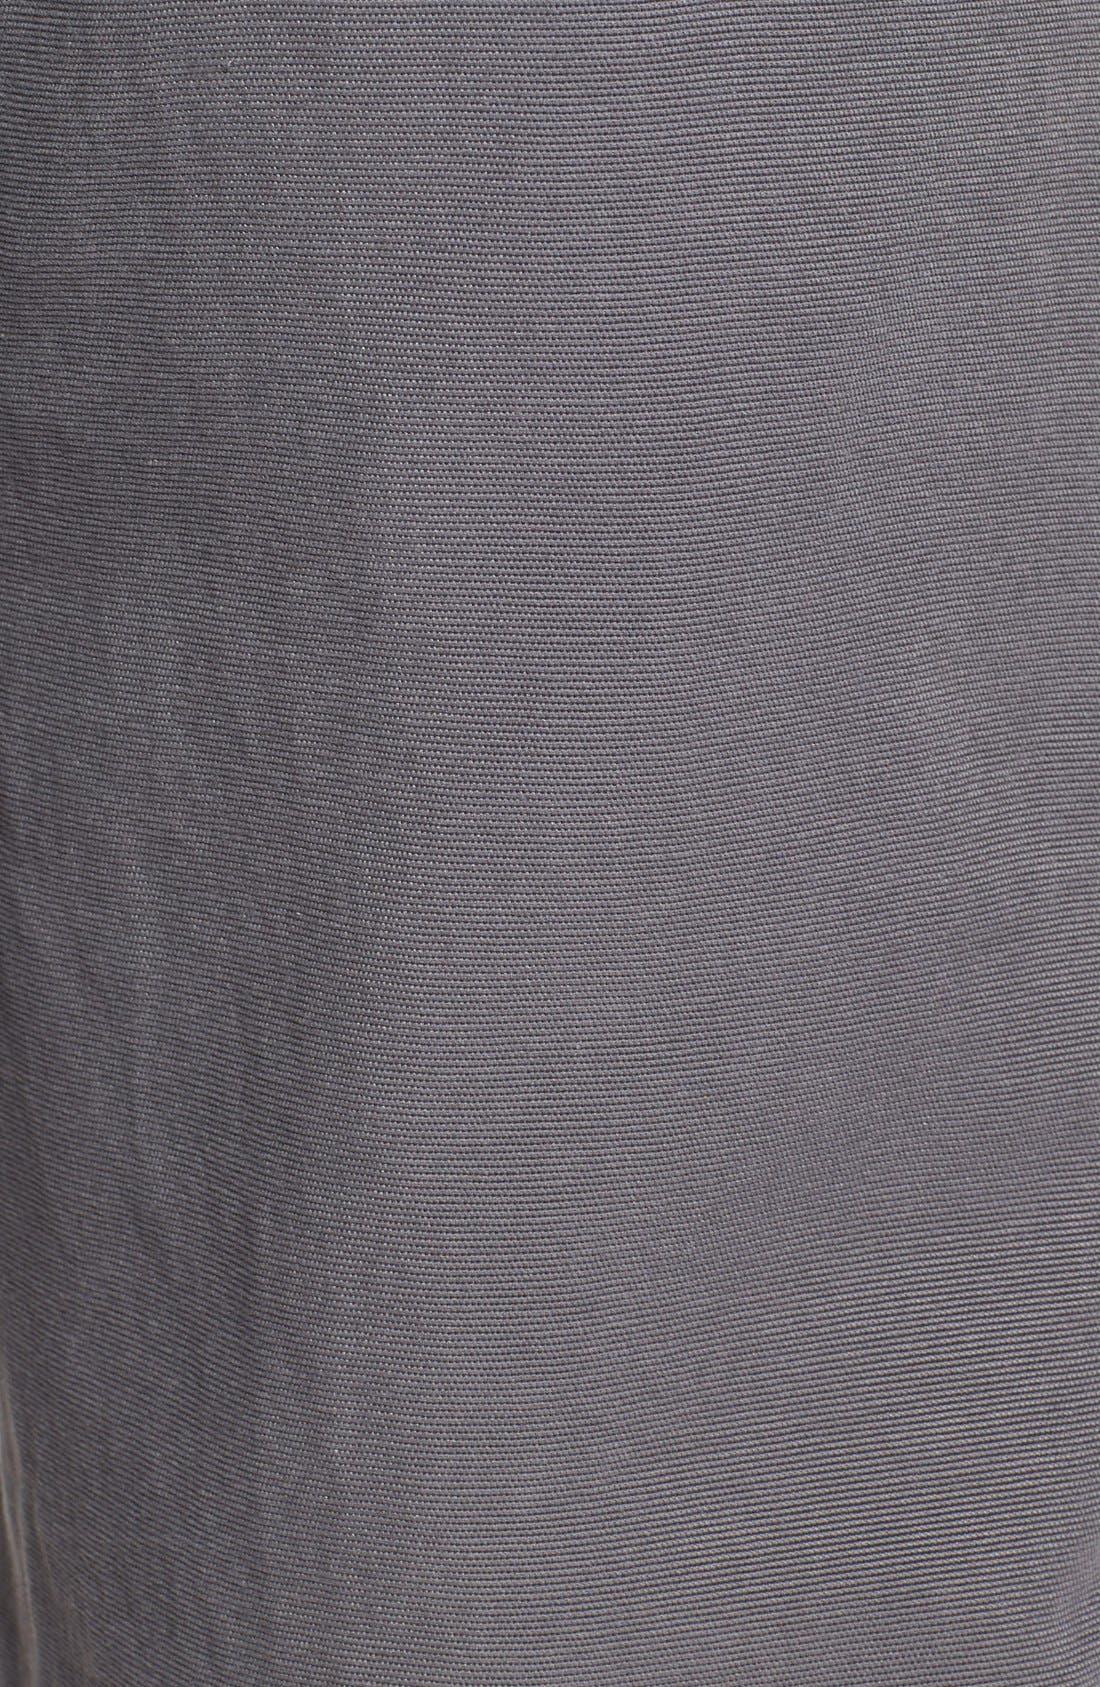 Alternate Image 3  - Tommy Bahama Relax 'Key Grip' Elastic Waist Shorts